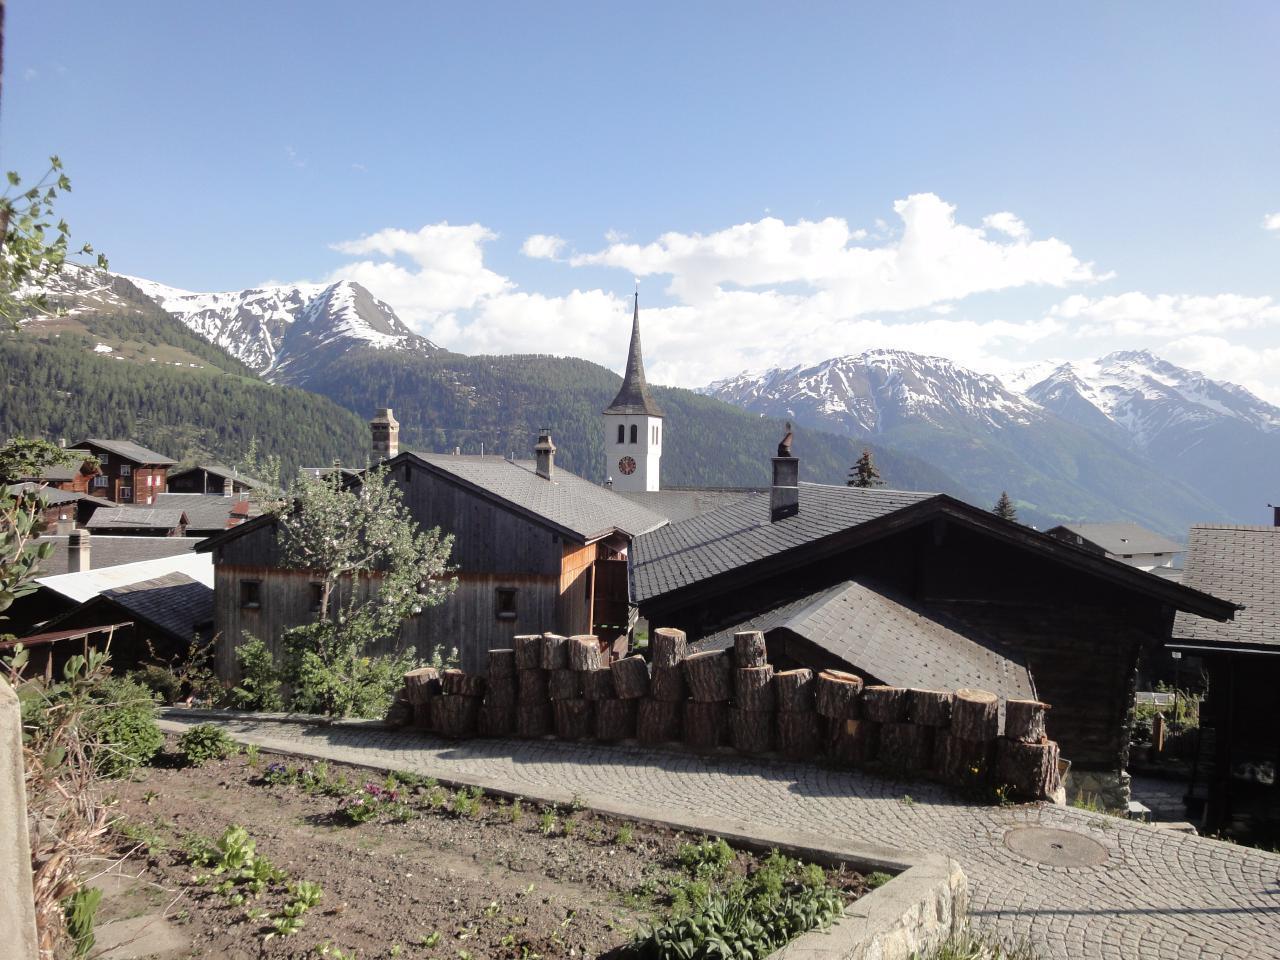 Appartement de vacances Chalet Stefanino, 3 1/2 Zimmer (487097), Bellwald, Aletsch - Conches, Valais, Suisse, image 17